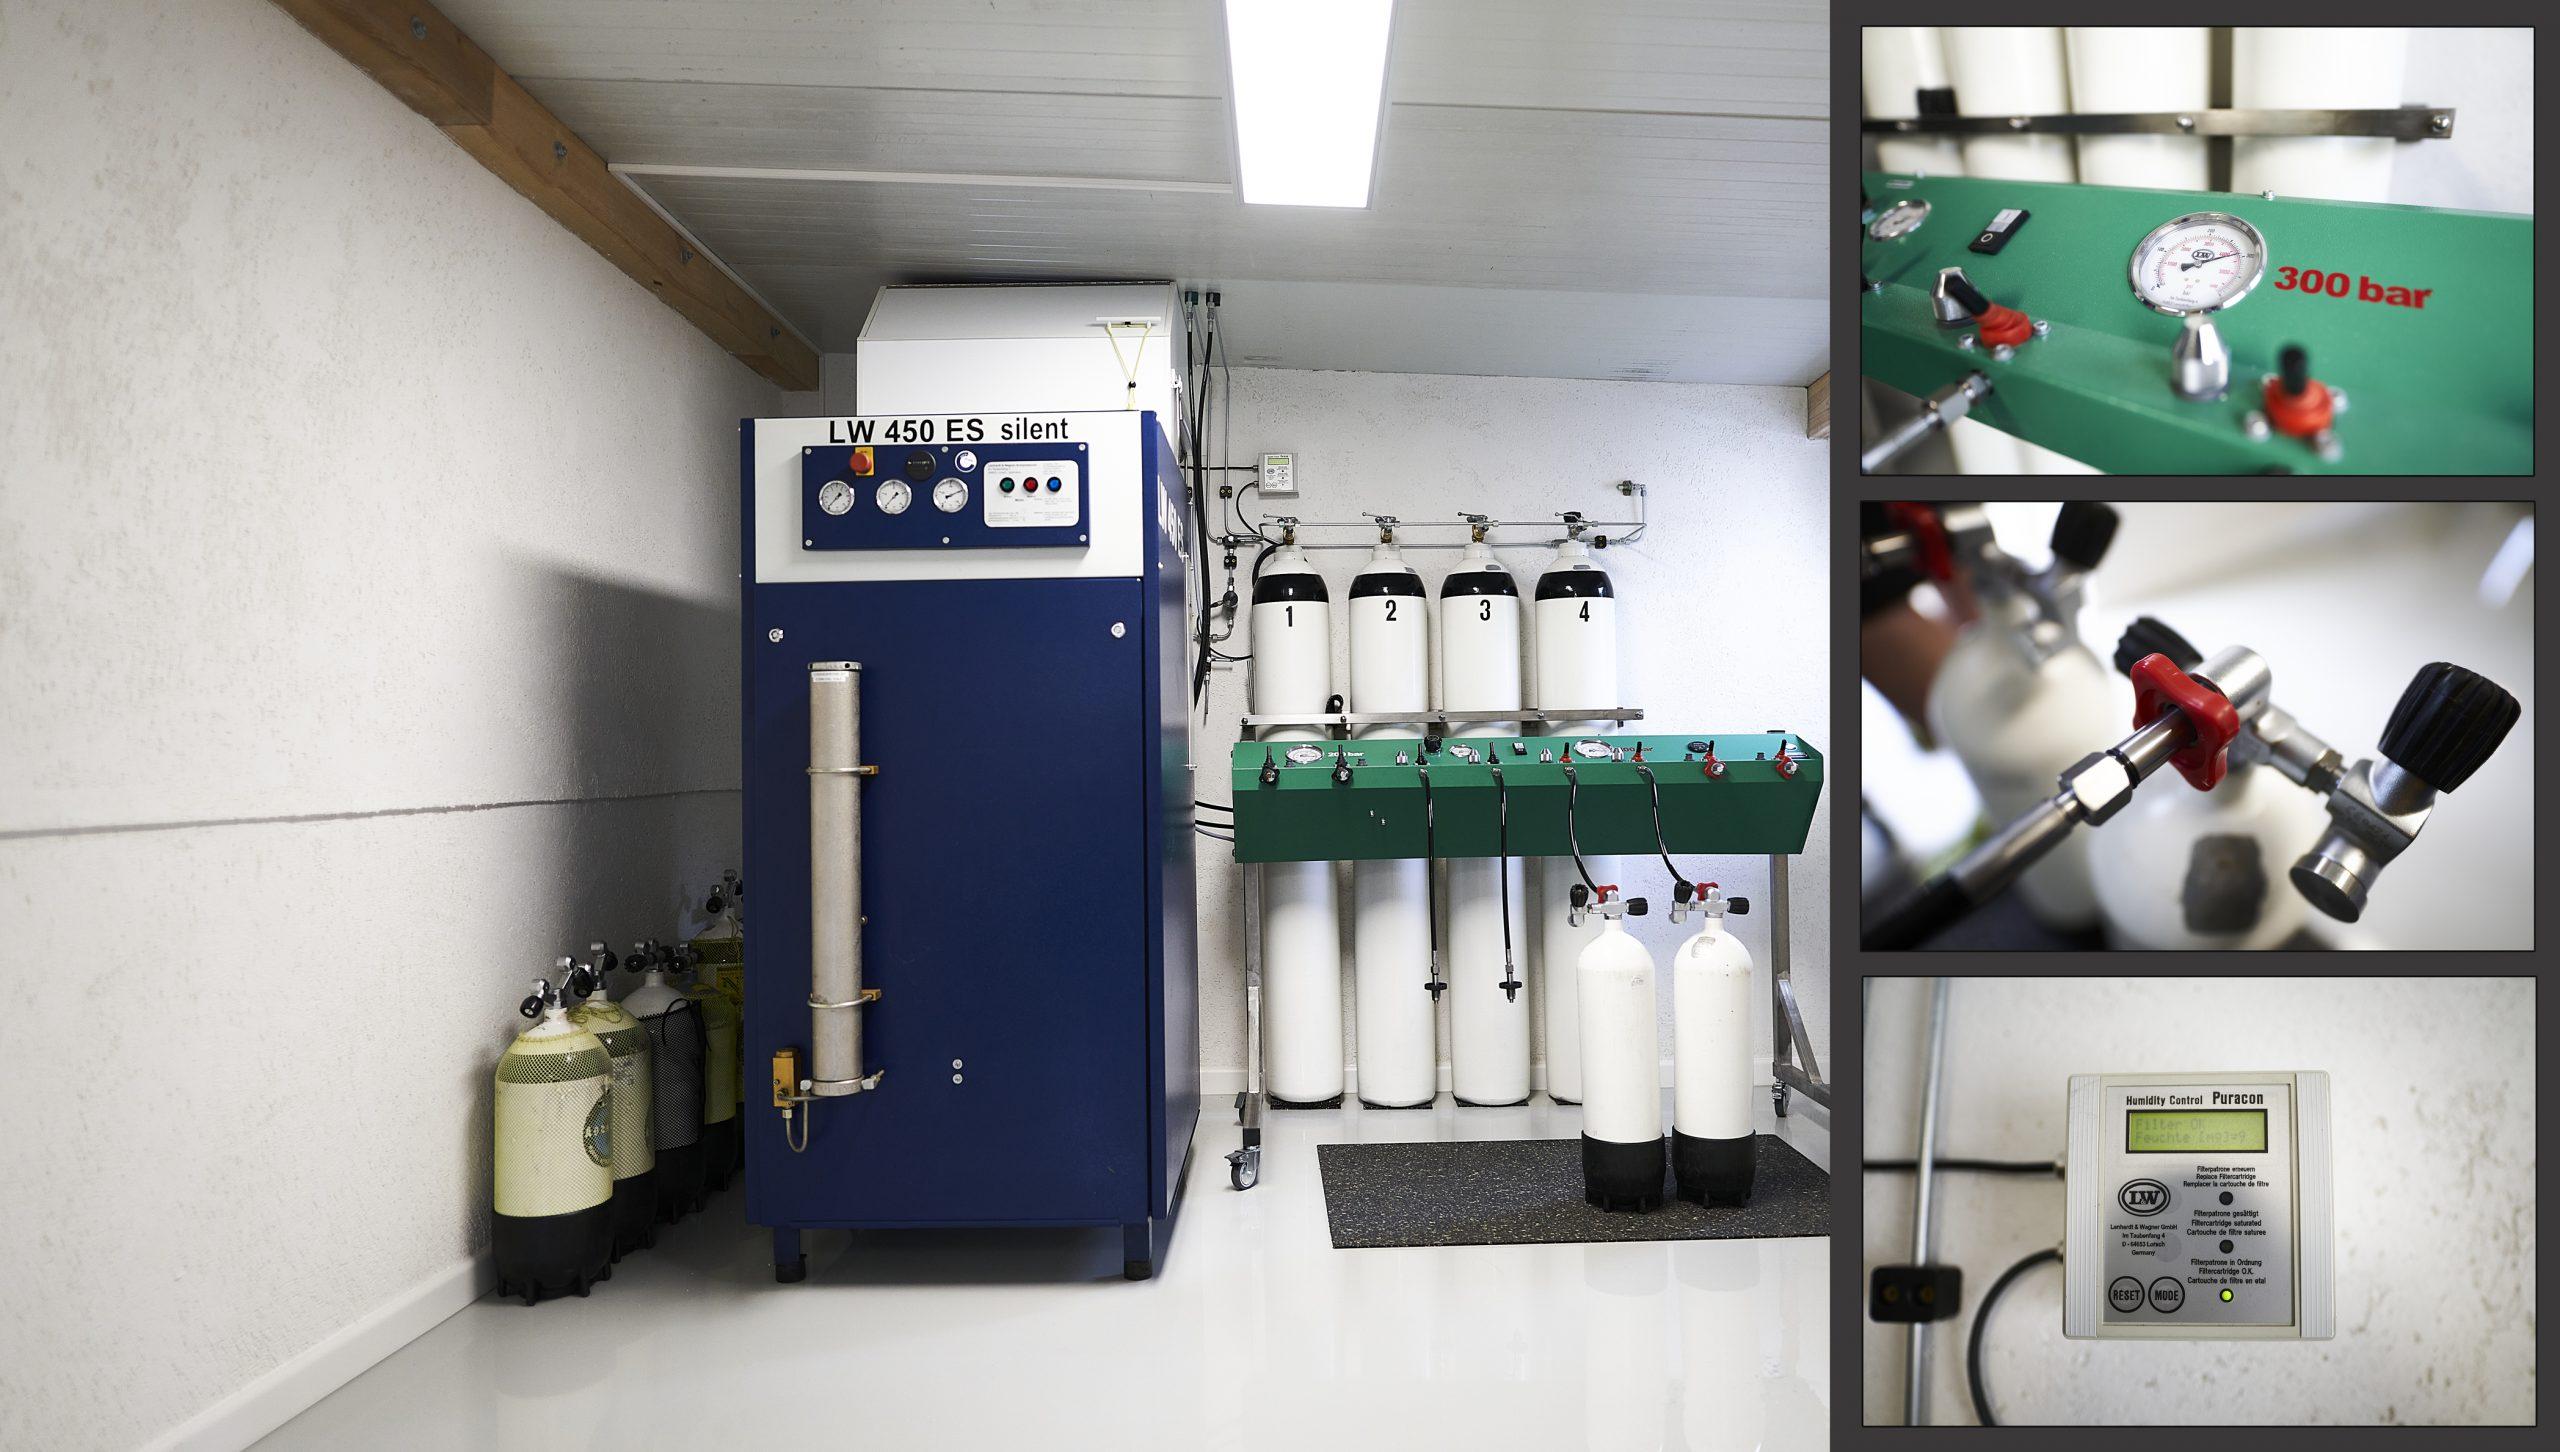 Kompressoranlage, Füllstation, Füllkaskade. Puracon Feuchtigkeitsmesser, 8-fach Füllleiste, 200 Bar, 300 bar